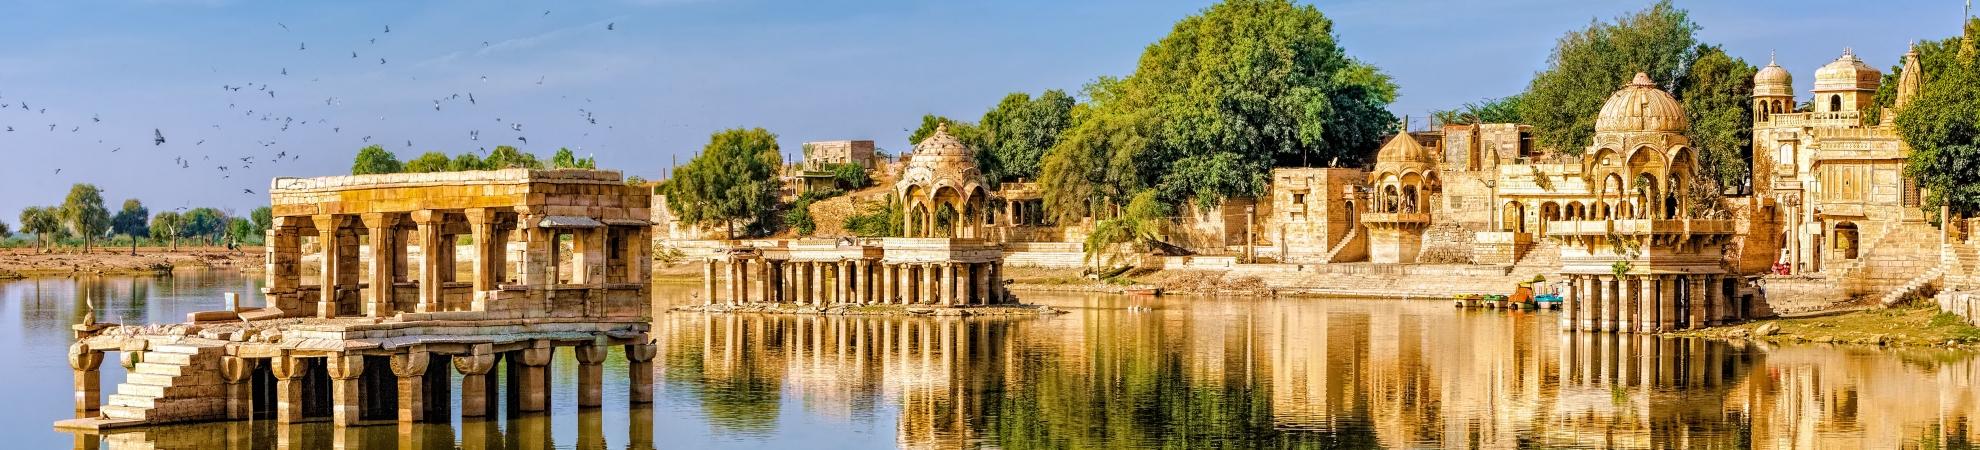 Voyage Jaisalmer